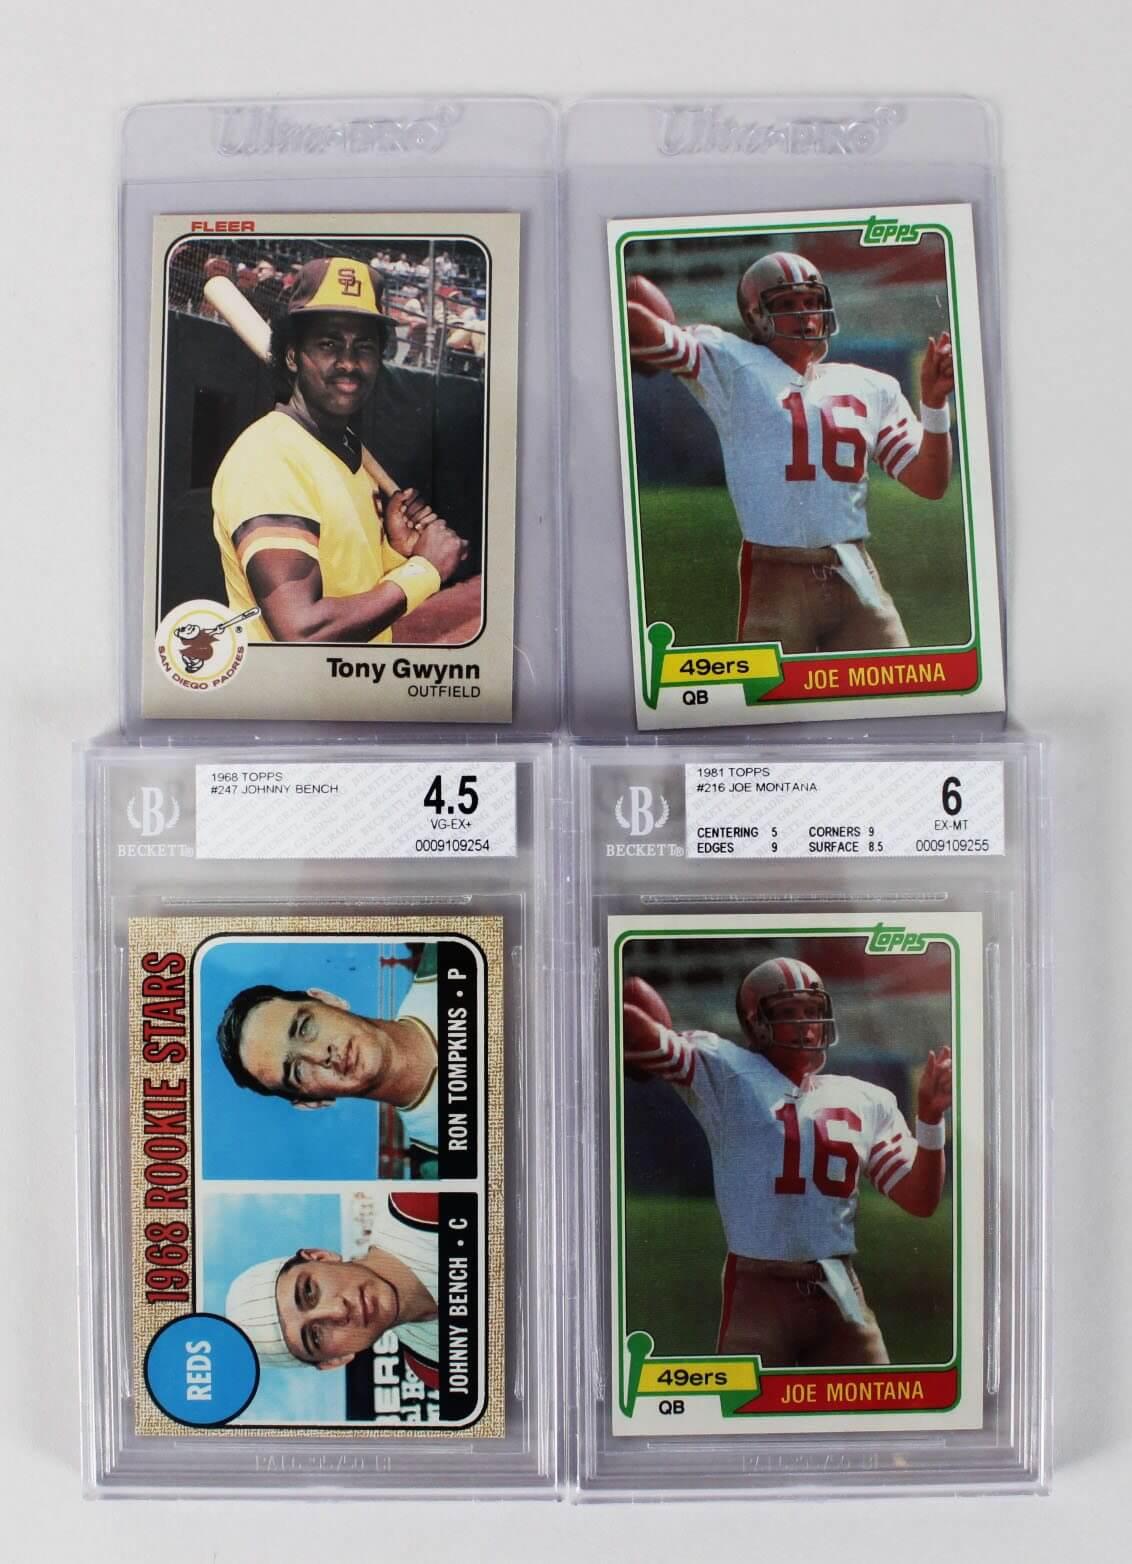 Baseball & Football Rookie Card Lot - Feat. (2) 1981 Topps Joe Montana, 1968 Johnny Bench BGS Graded & 1983 Fleer Tony Gwynn